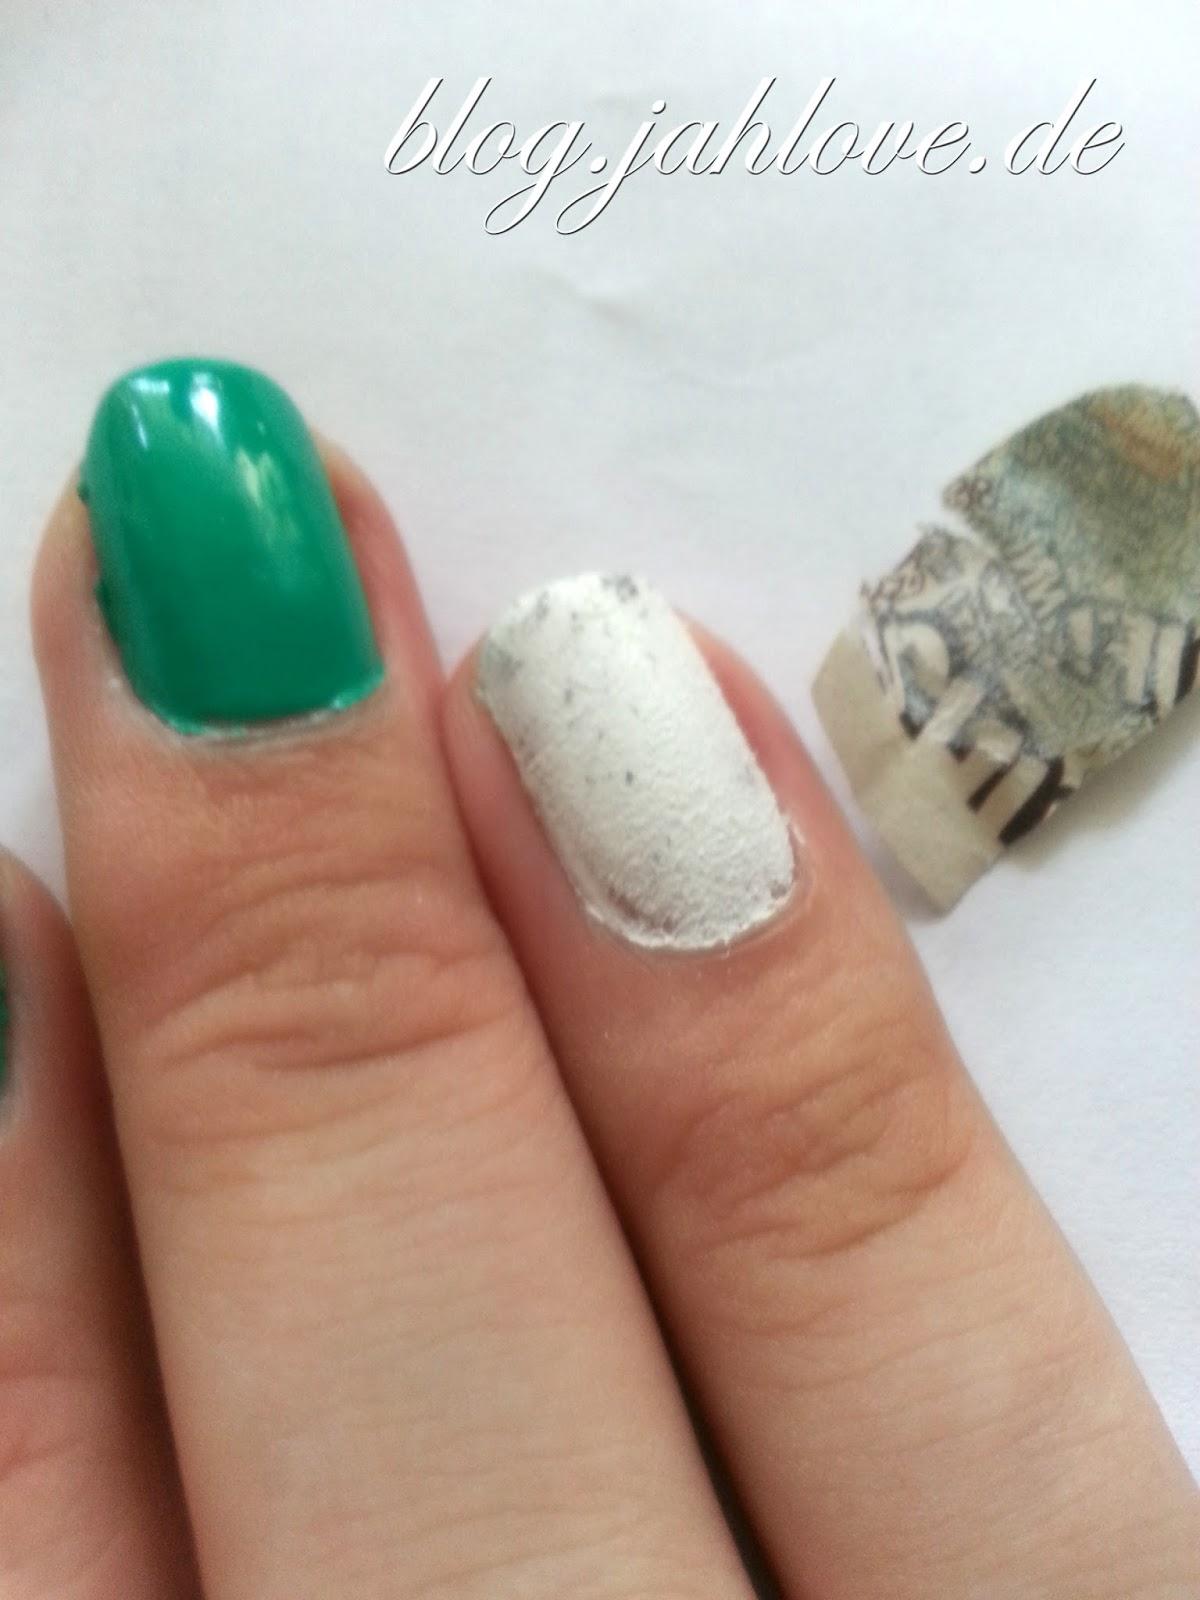 blog.jahlove.de ::.: [Review] Essence Nail Art Paper Print Manicure